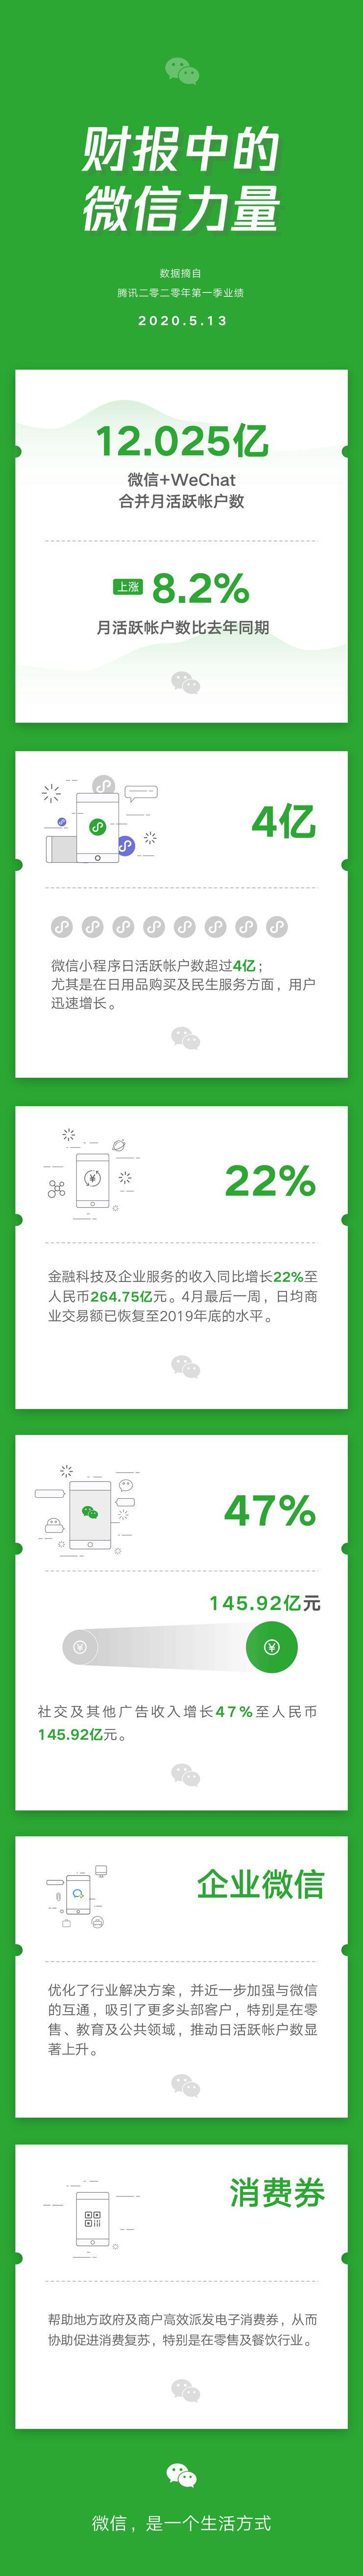 微信小程序日活跃账户数超4亿